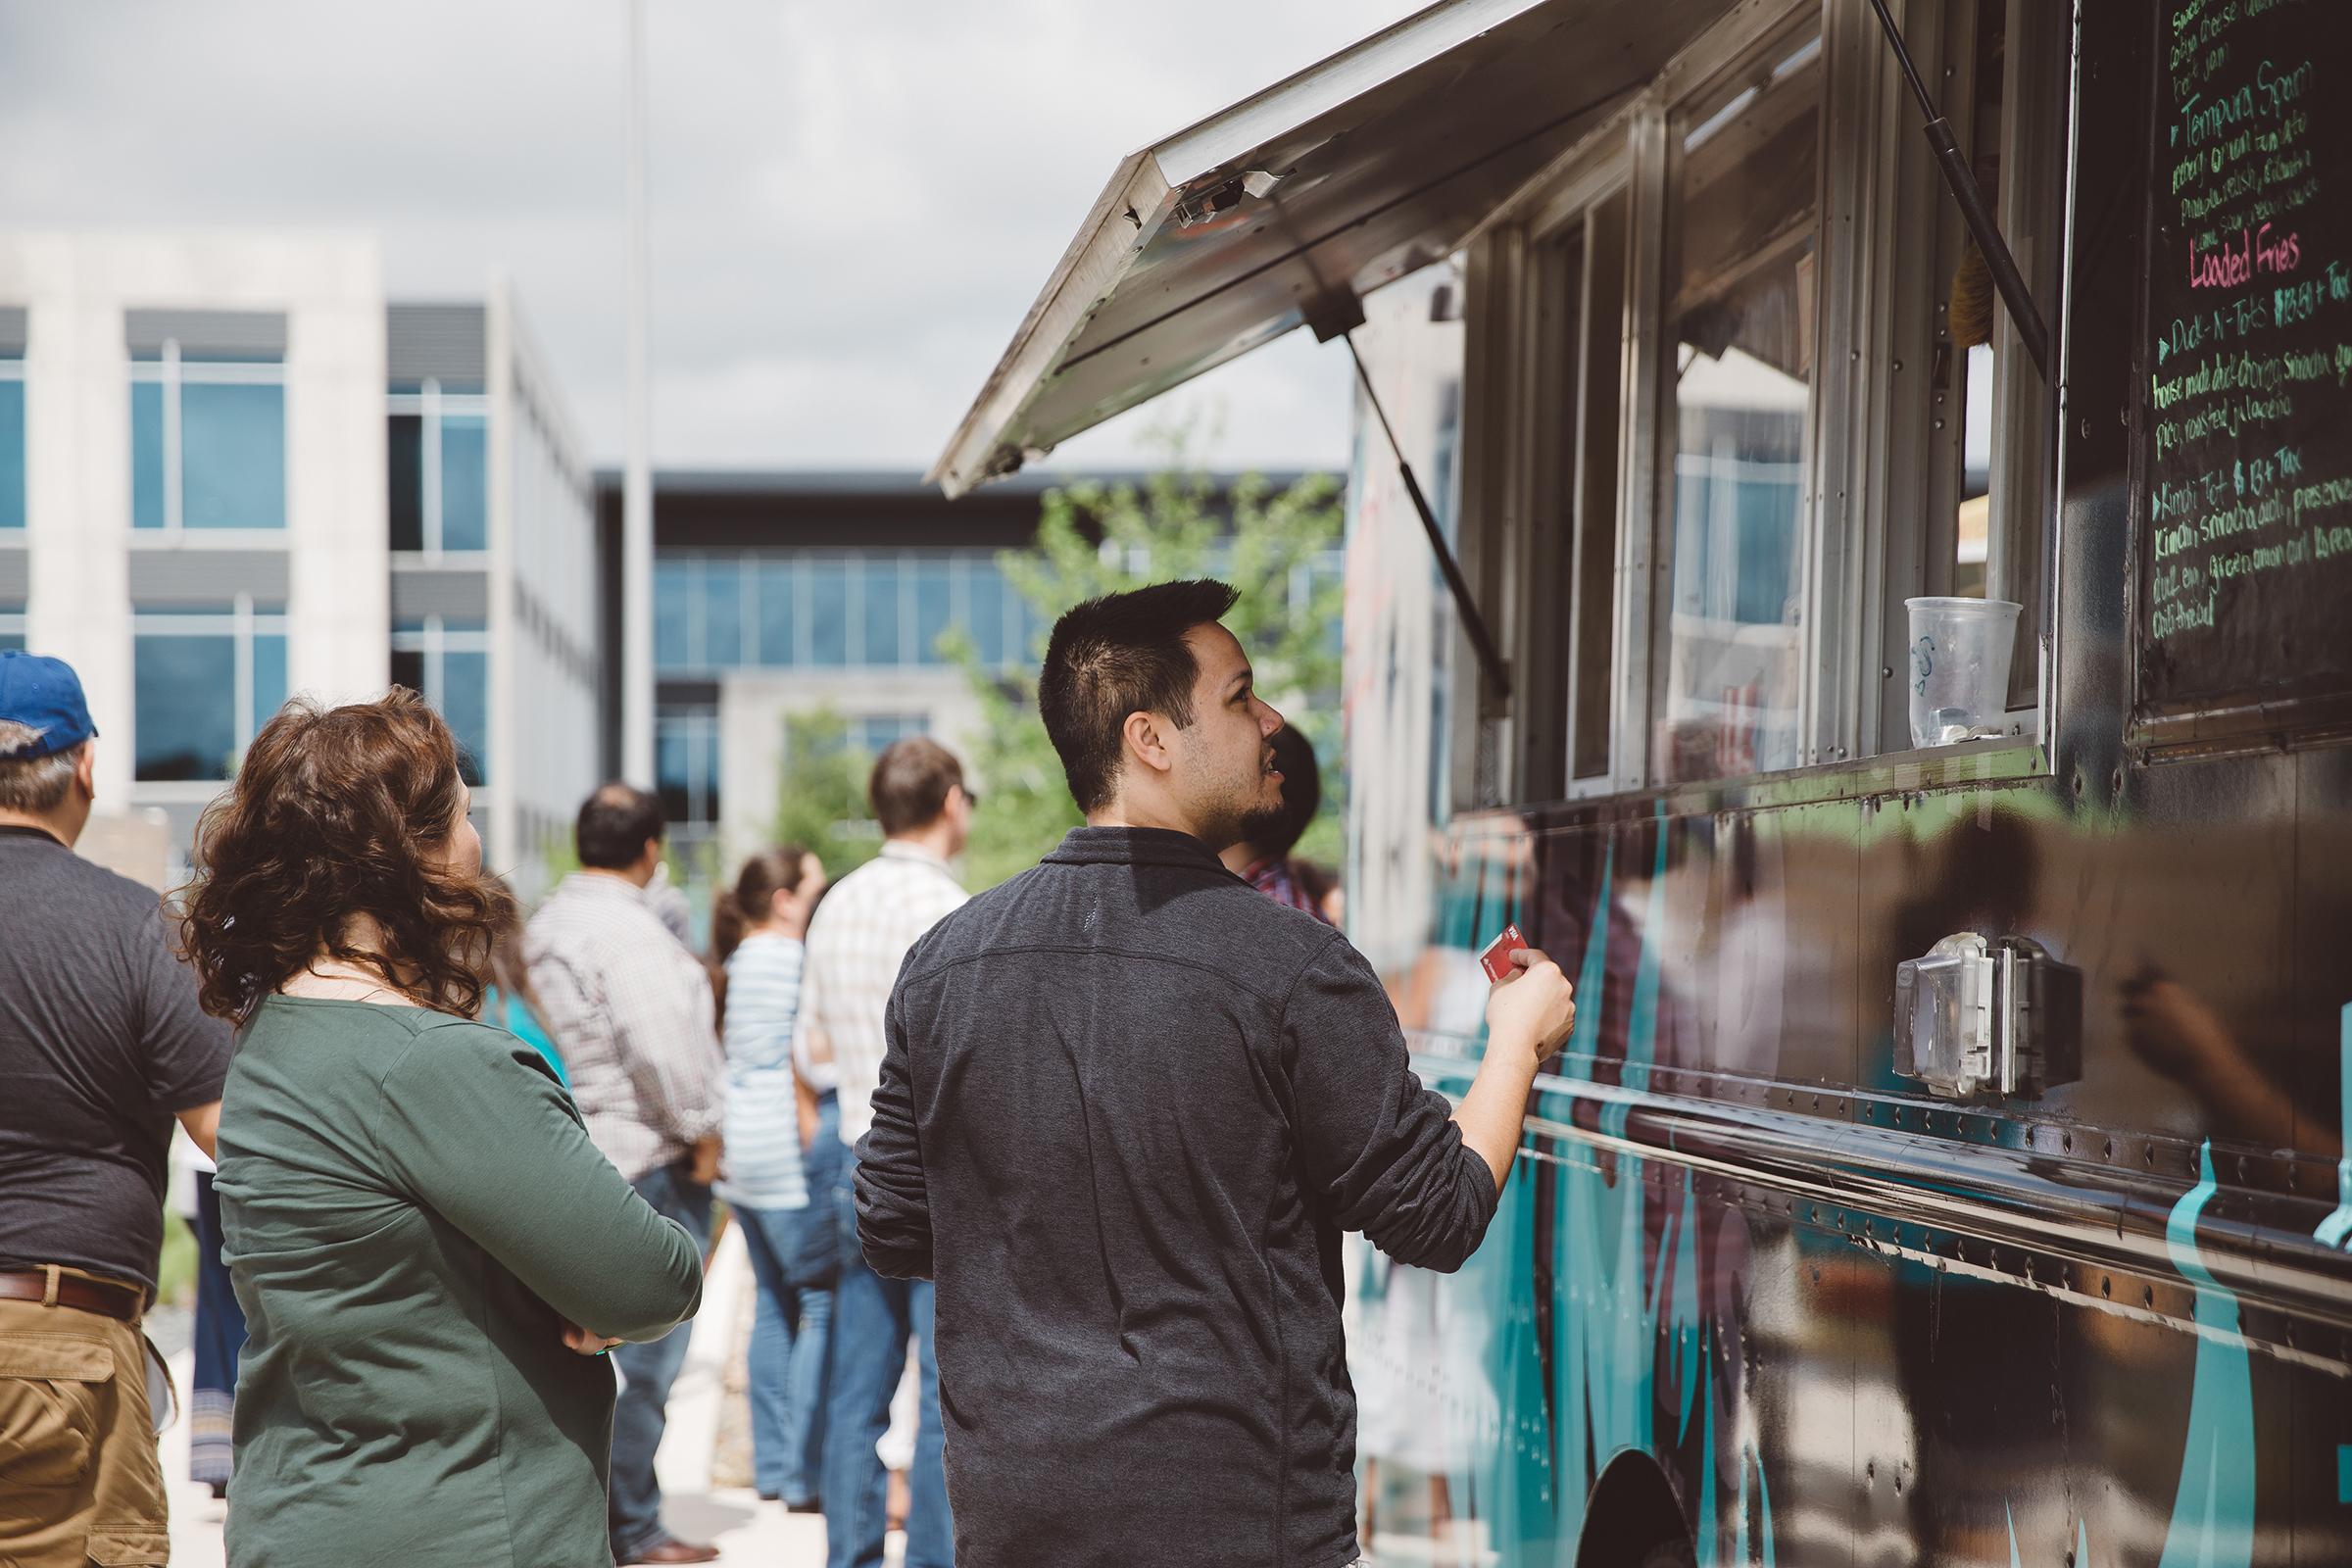 food truck img 1.jpg